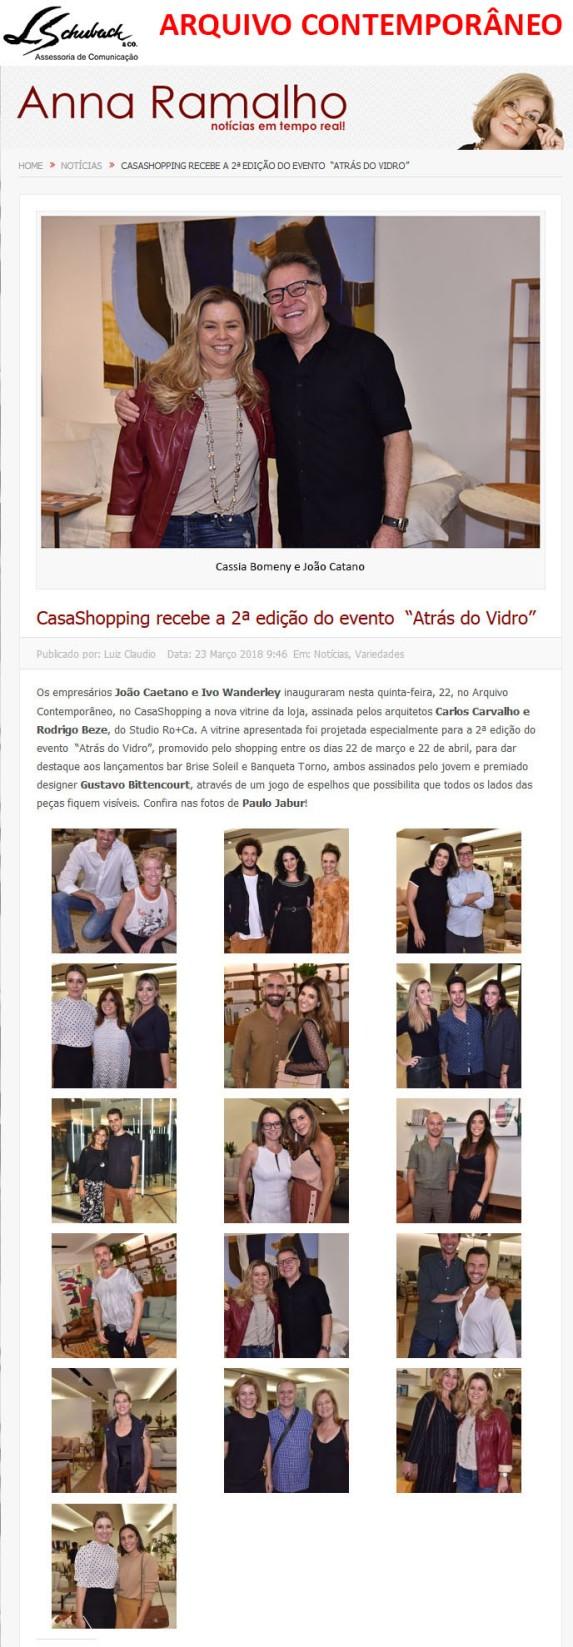 ARQUIVO CONTEMPORÂNEO no Portal Anna Ramalho em 23 de março de 2018_2